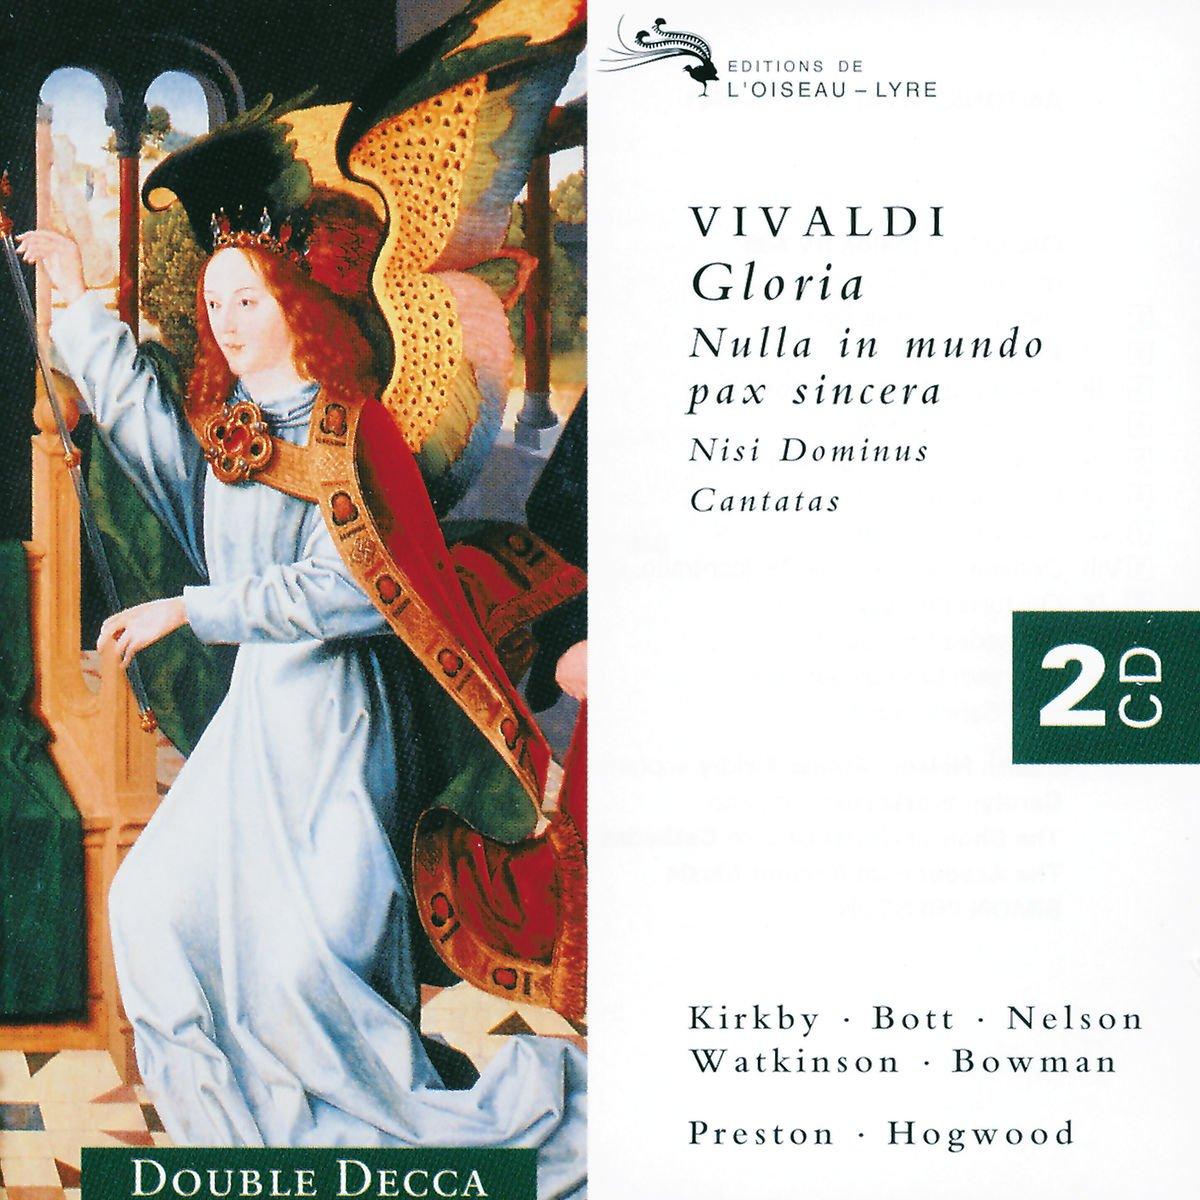 Vivaldi : Gloria (Nulla in mundo pax sincera): Amazon.co.uk: Music